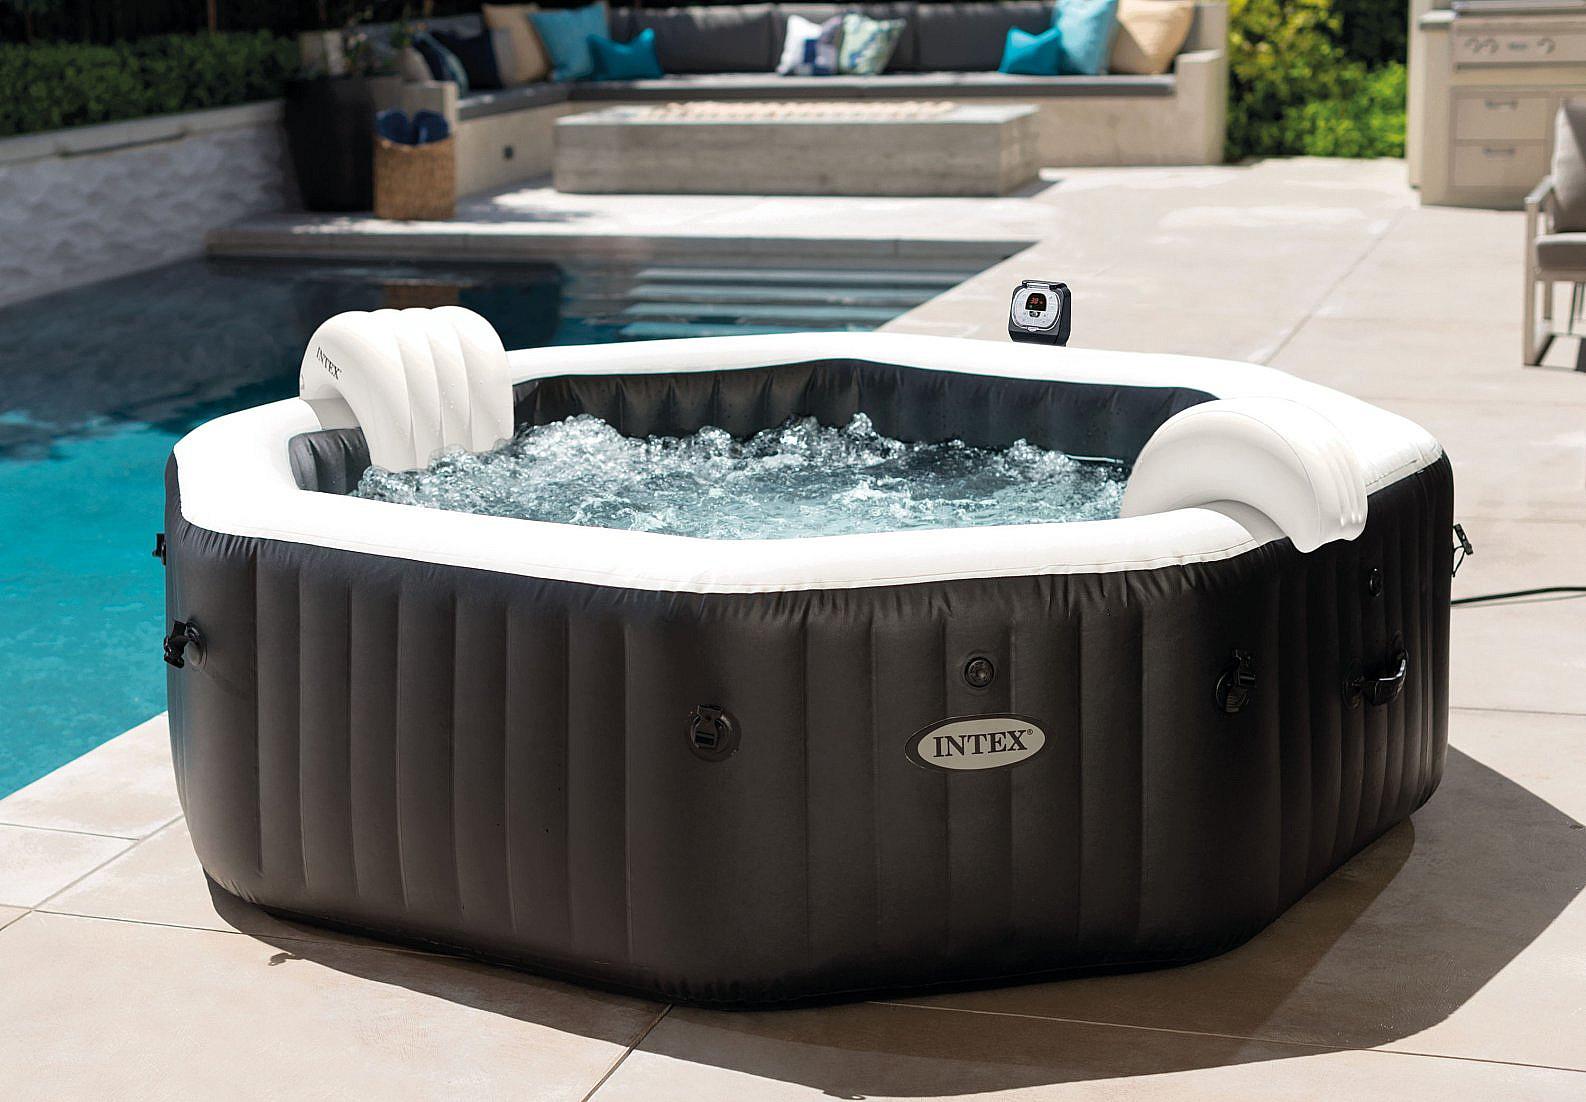 INTEX Nafukovacia vírivka Deluxe Octagon systém slanej vody pre 6 osôb (bublinky + masáž + trysky) 1100L